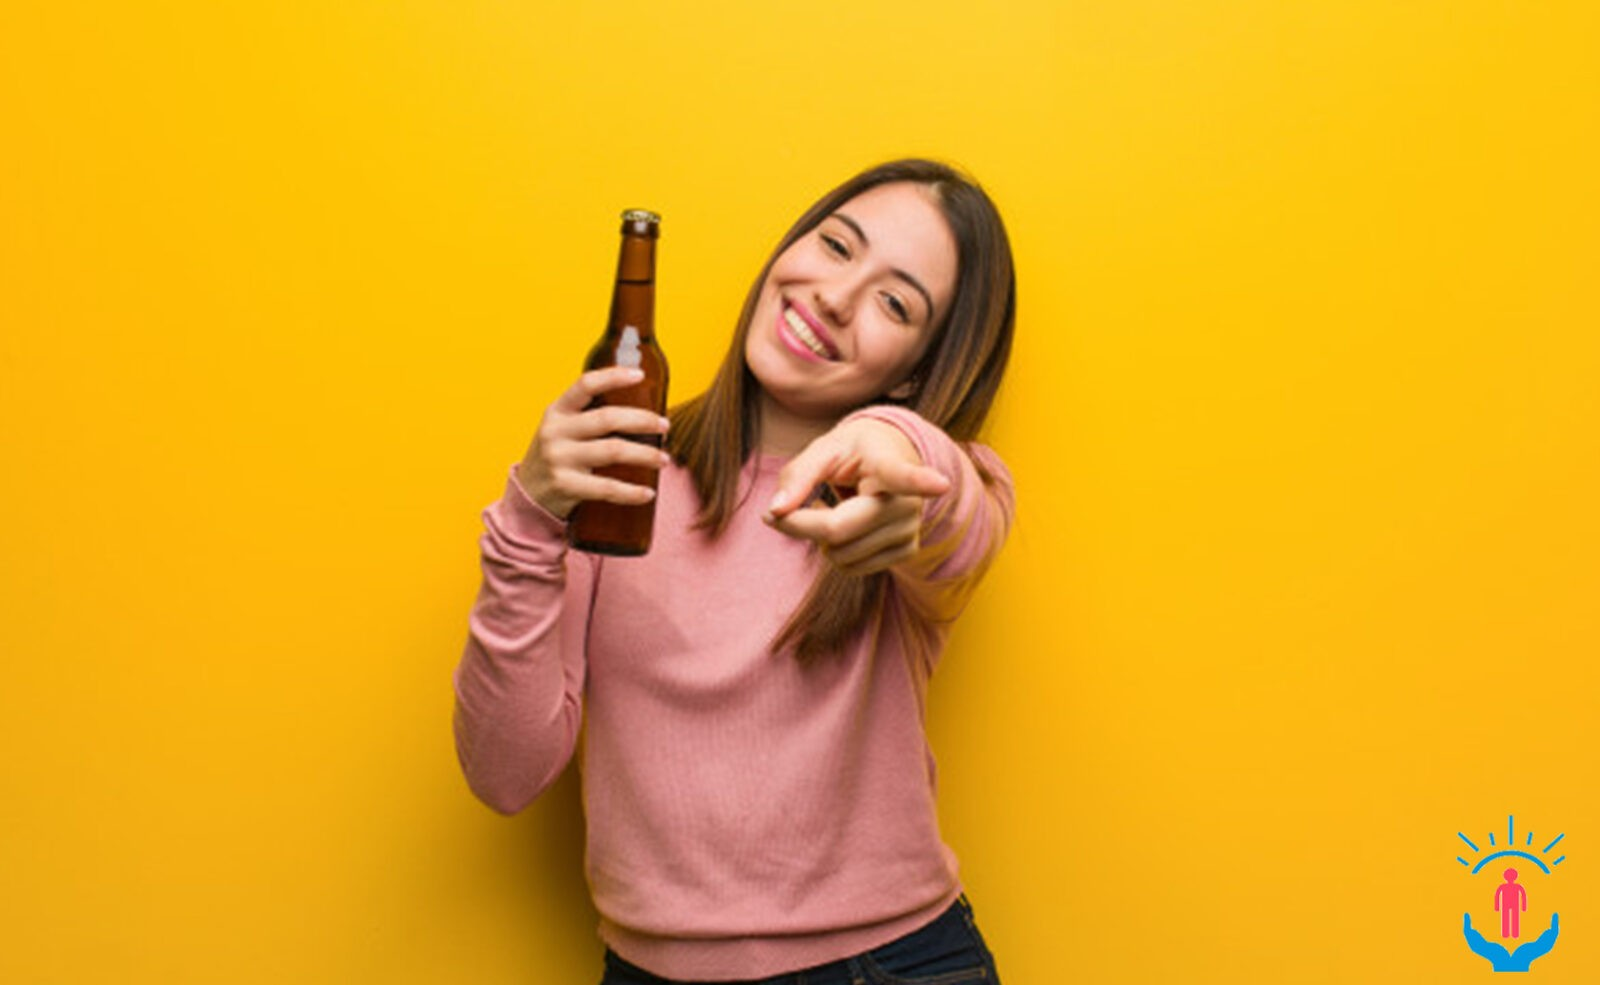 Как отказаться от предложения выпить? Топ 7 отмазок, которые работают - Клиника АландМед